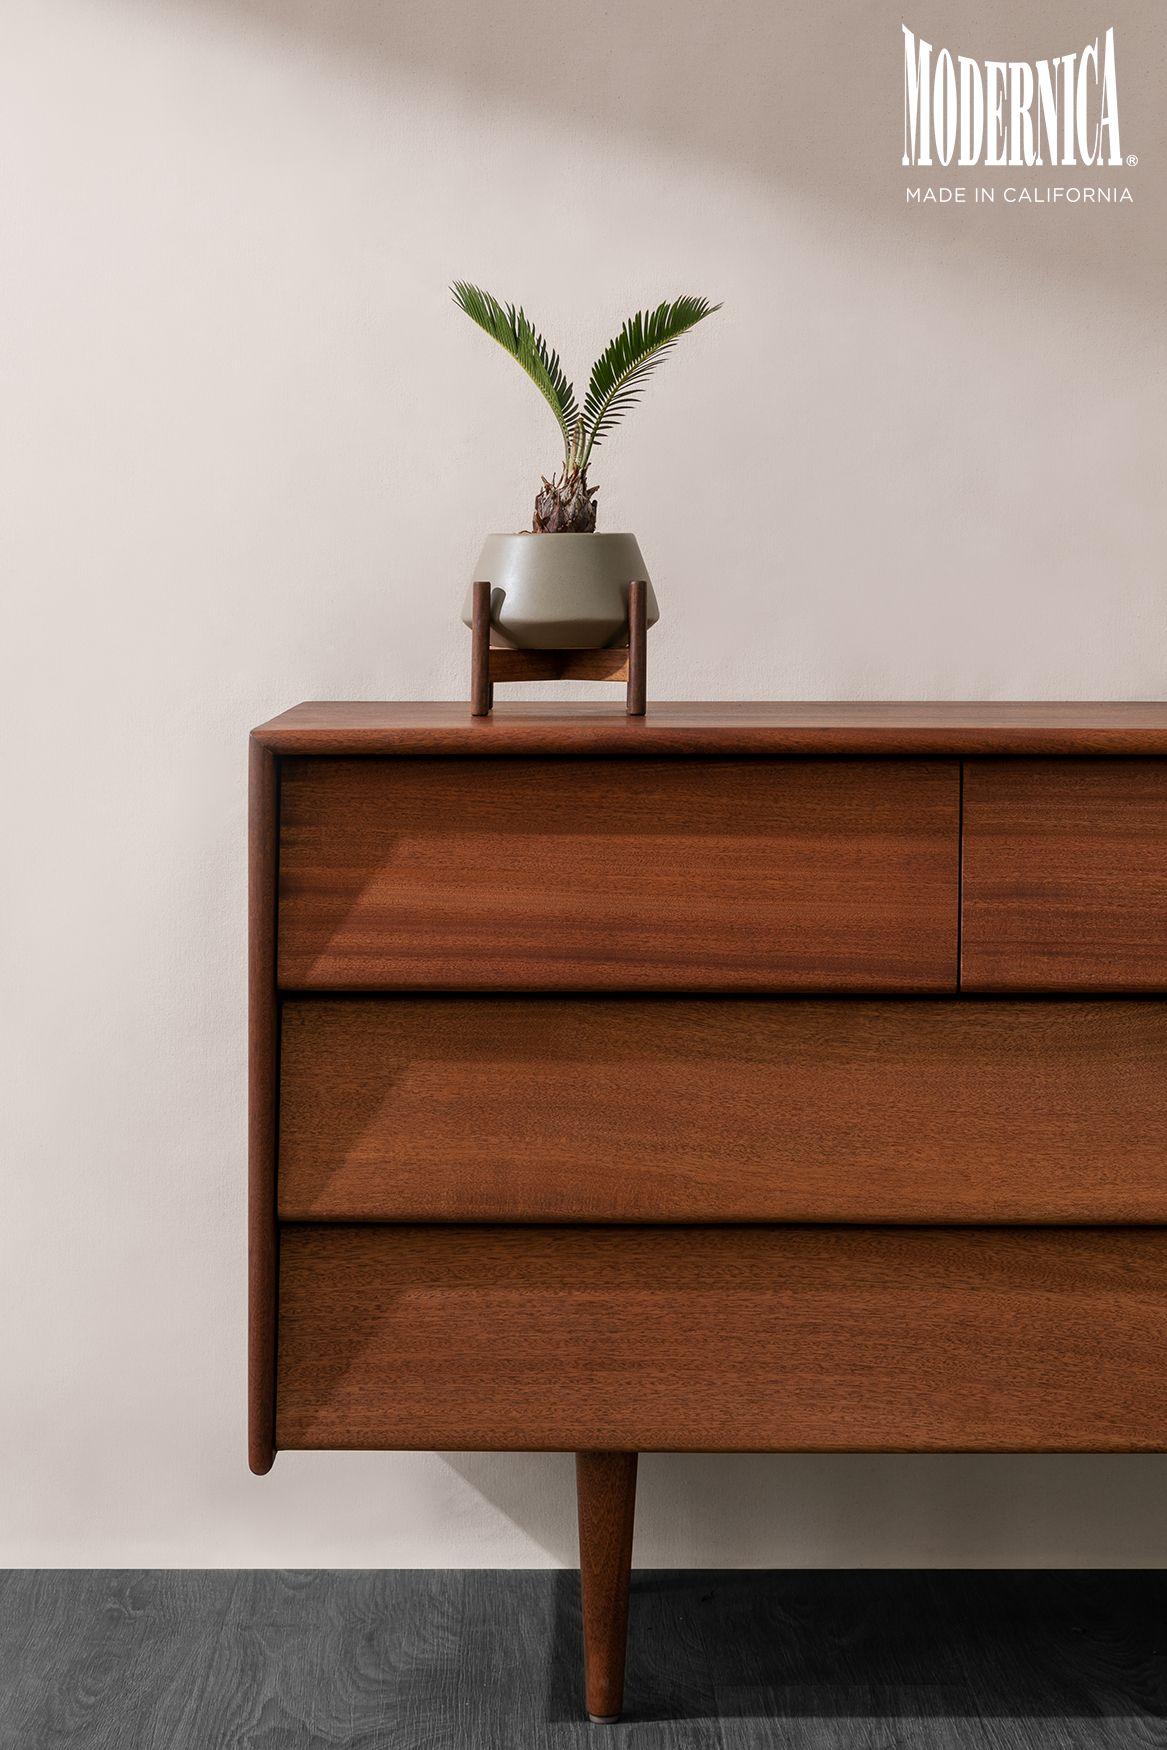 Case Study Furniture Solid Wood 7 Drawer Dresser Case Study Furniture Furniture How To Clean Furniture